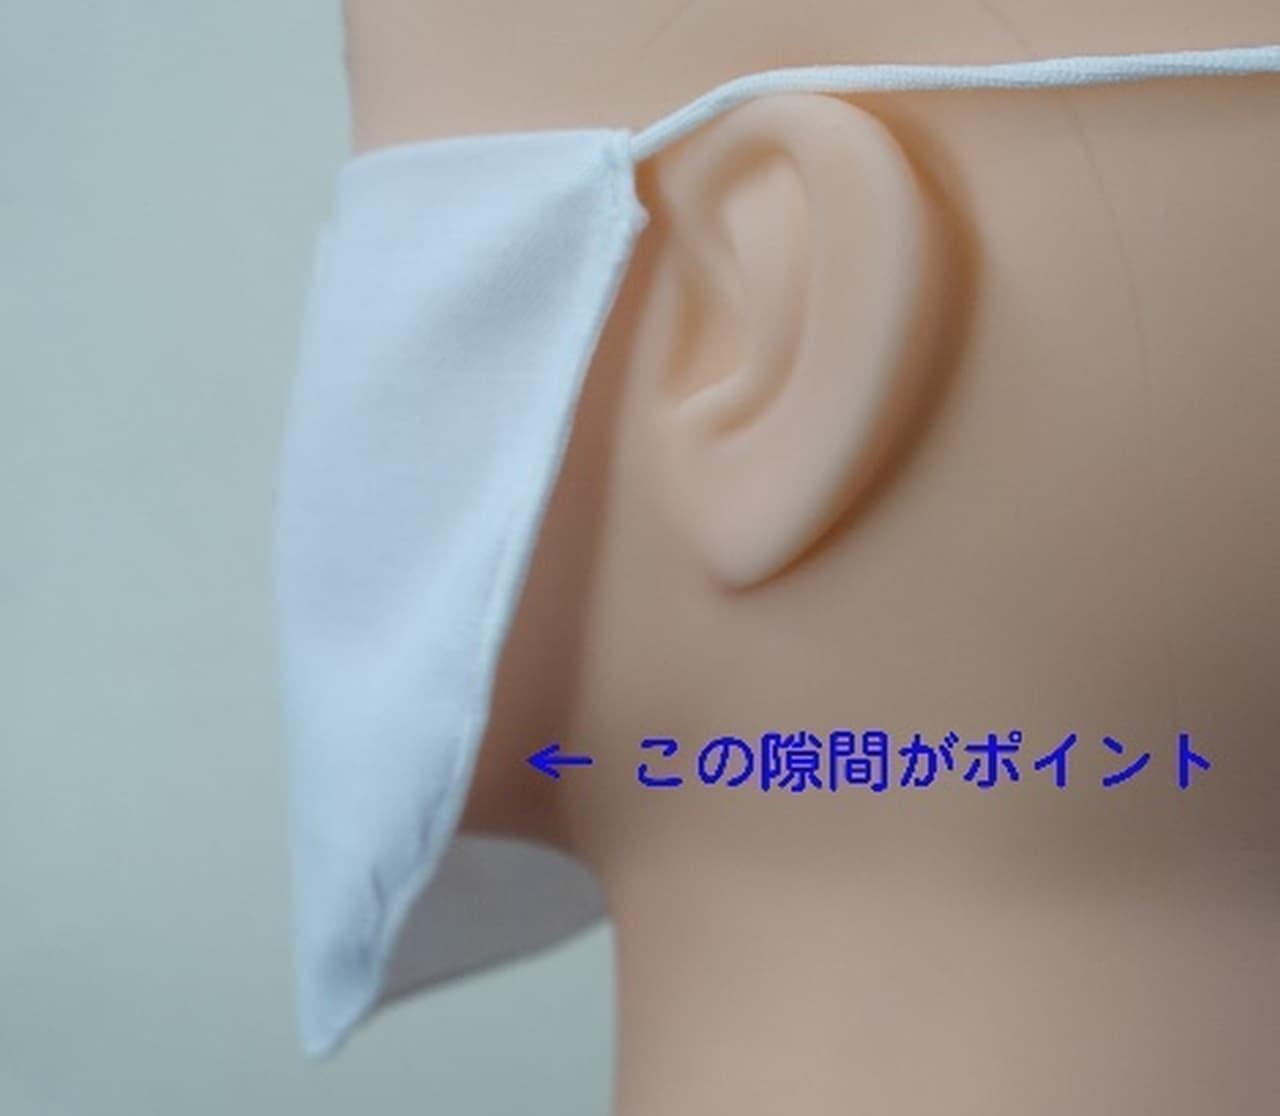 呼気を下に逃がすから暑くない 新発想の夏マスク「夏のさらしマスク」